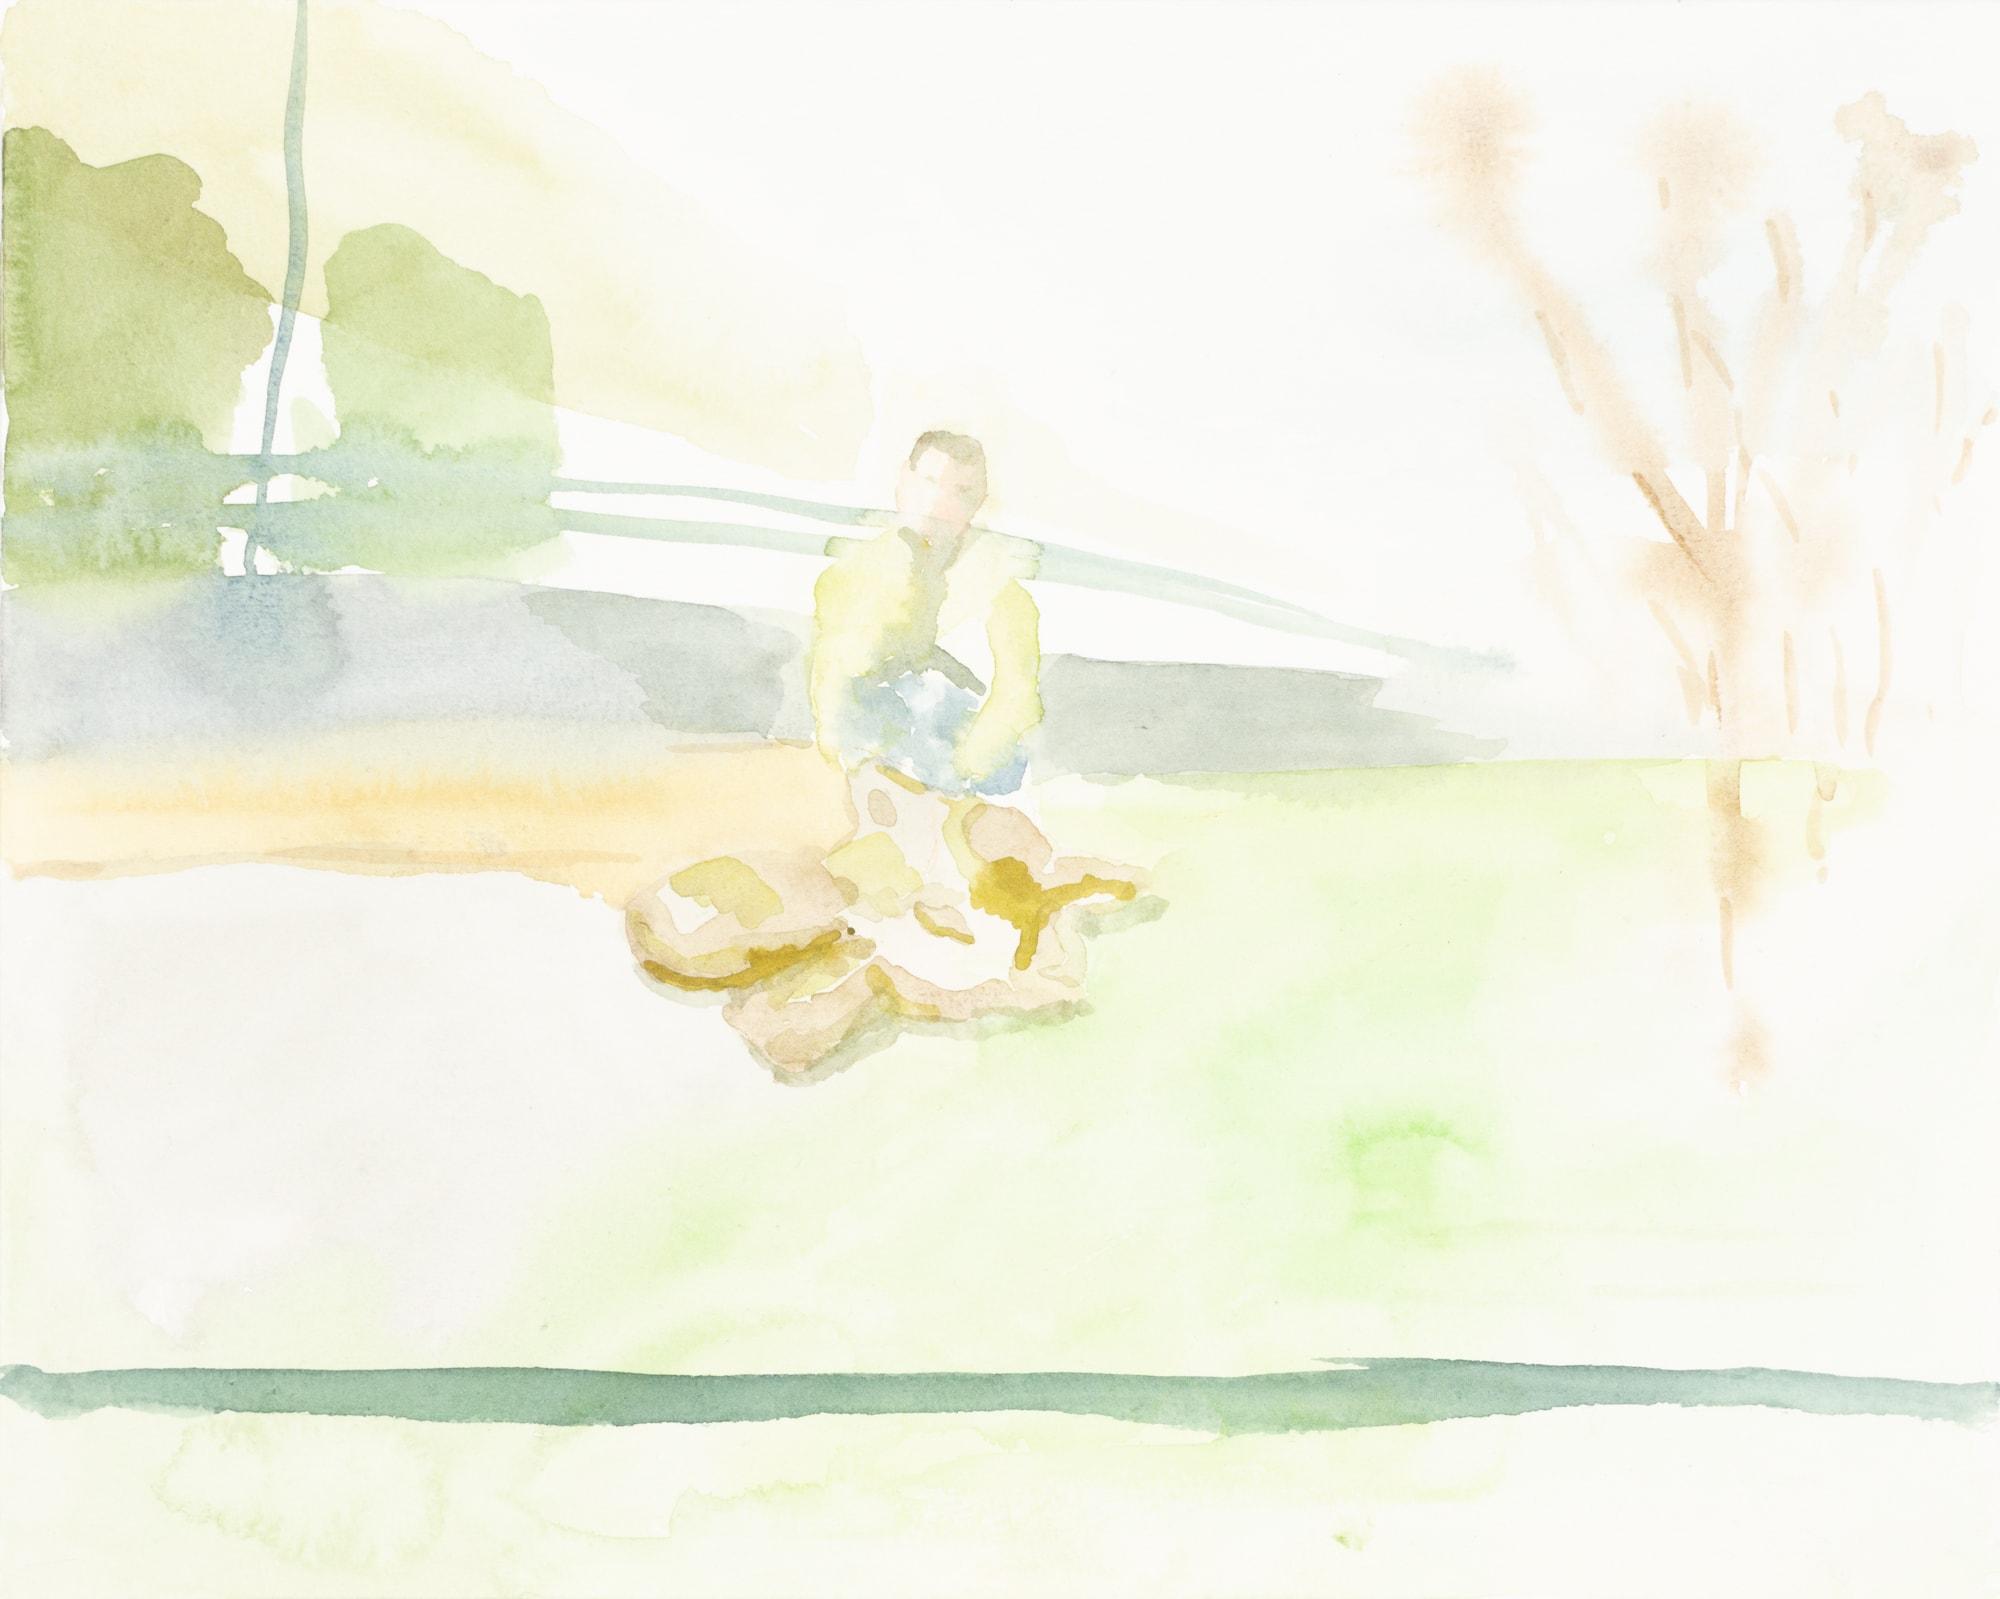 Zeichnung, Aquarell auf Papier, 30x24cm, Spurensicherung im Park, Künstlerin: Franziska King